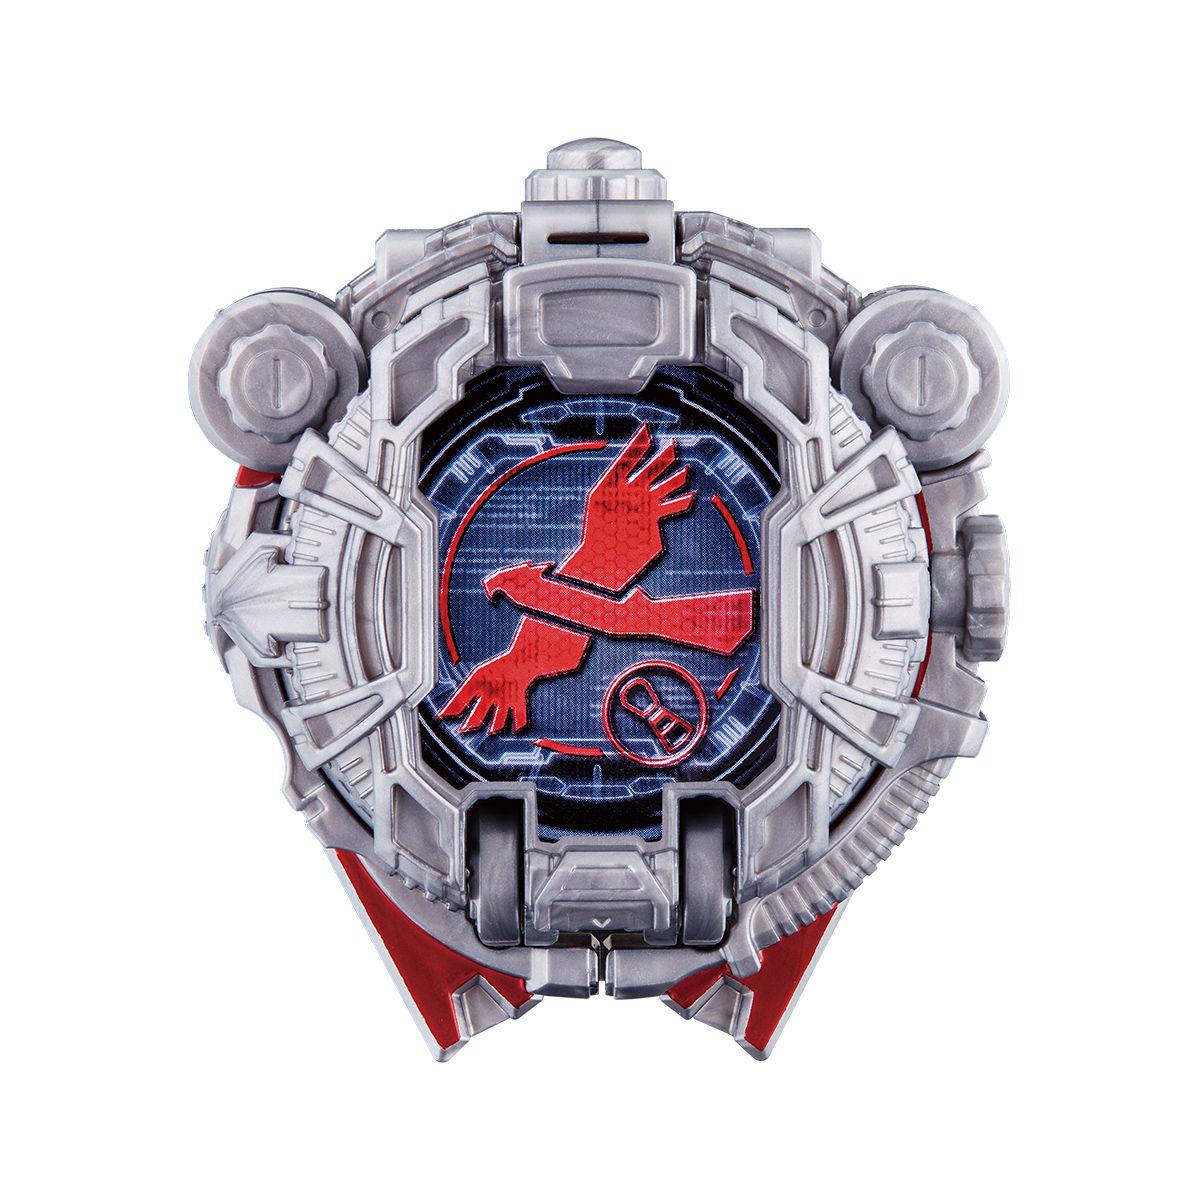 ライドガジェットシリーズ『DXタカウォッチロイド』仮面ライダージオウ 変身なりきり-002